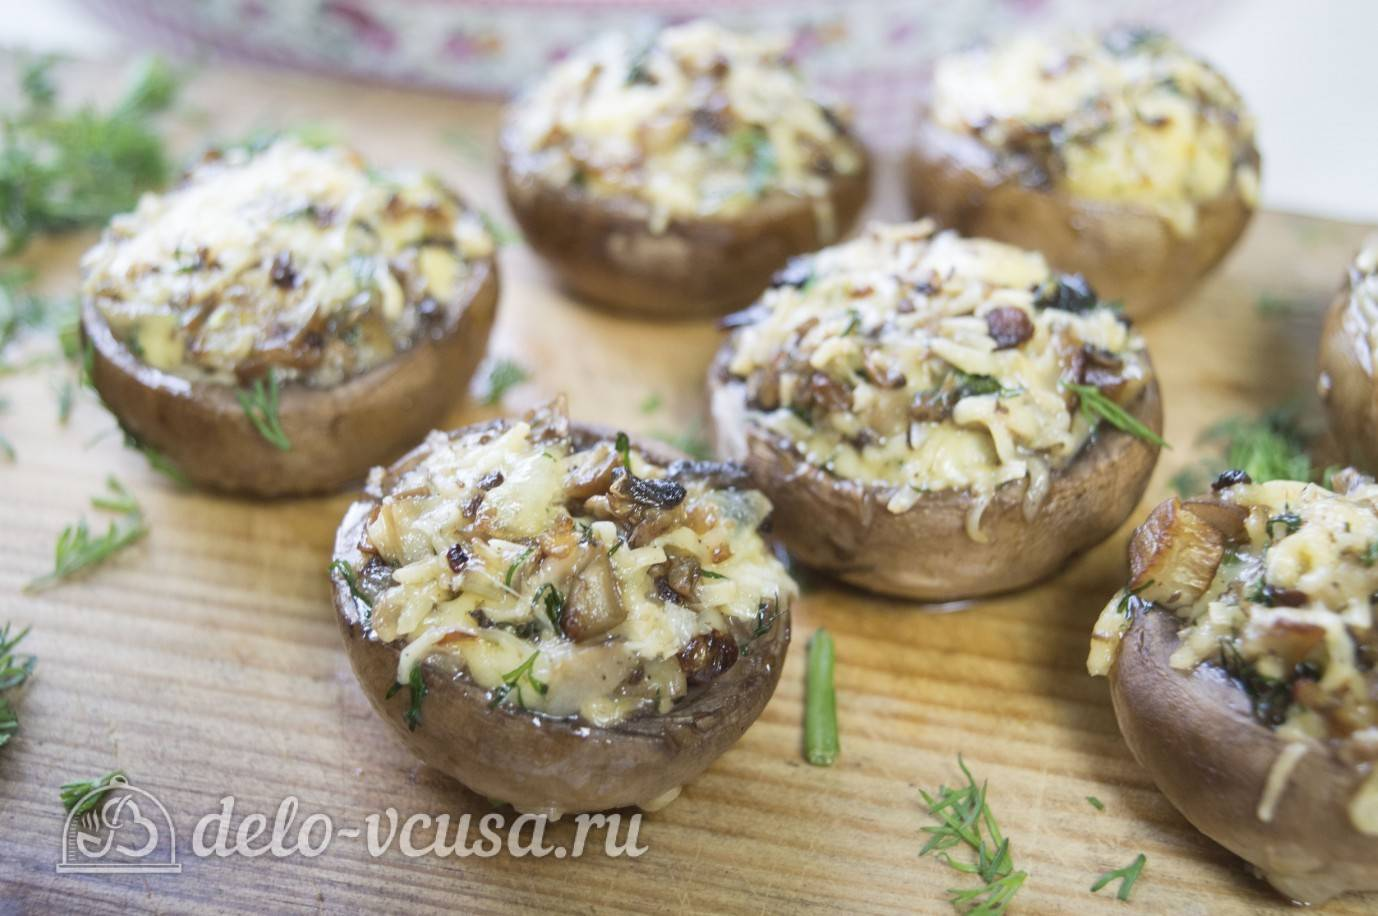 Фаршированные шампиньоны с курицей, сыром, семгой - рецепты в духовке или на мангале